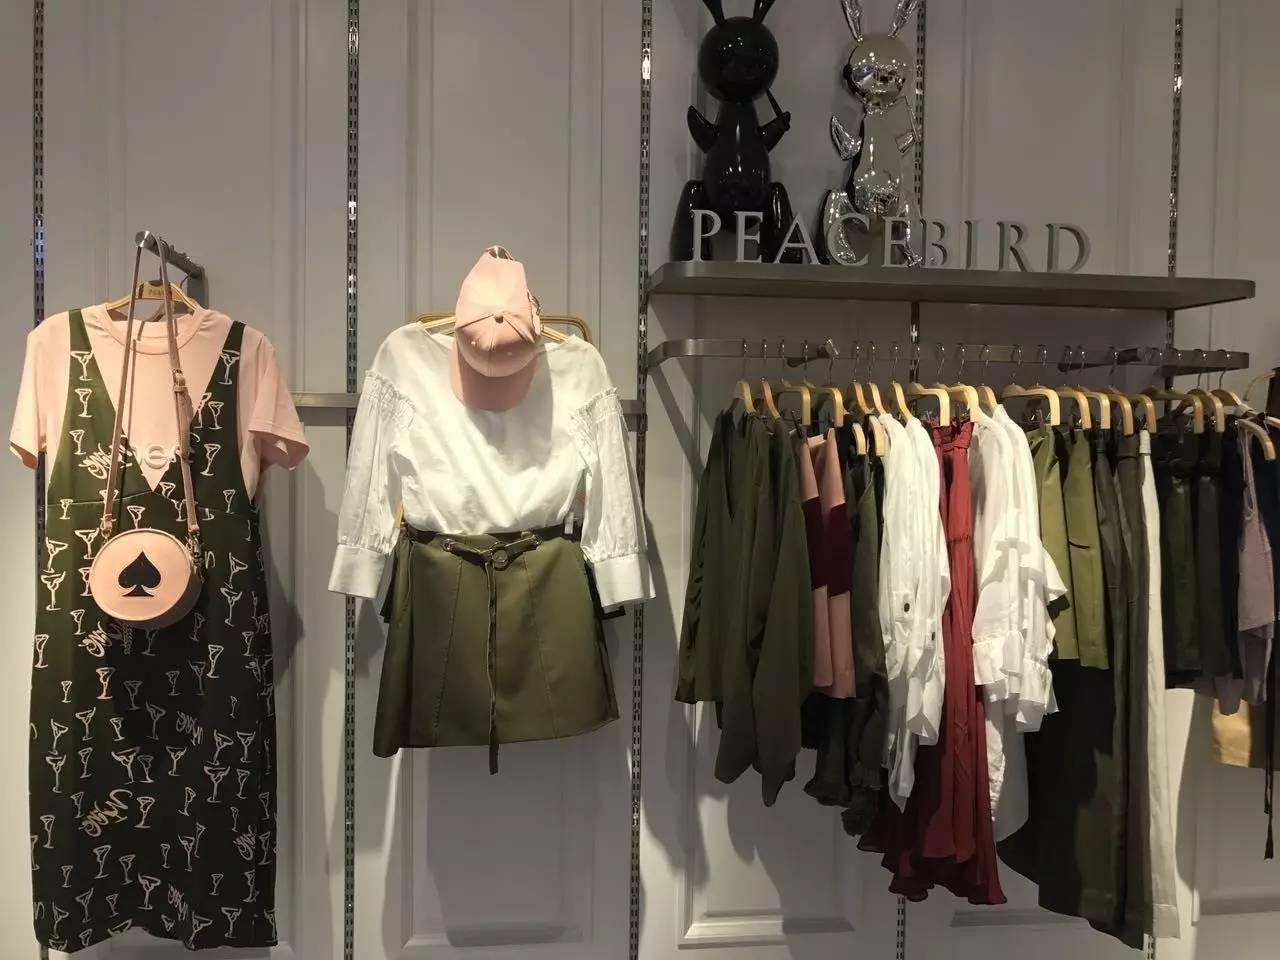 太平洋女装丨新品买二送一,就是这个假期才有的福利!